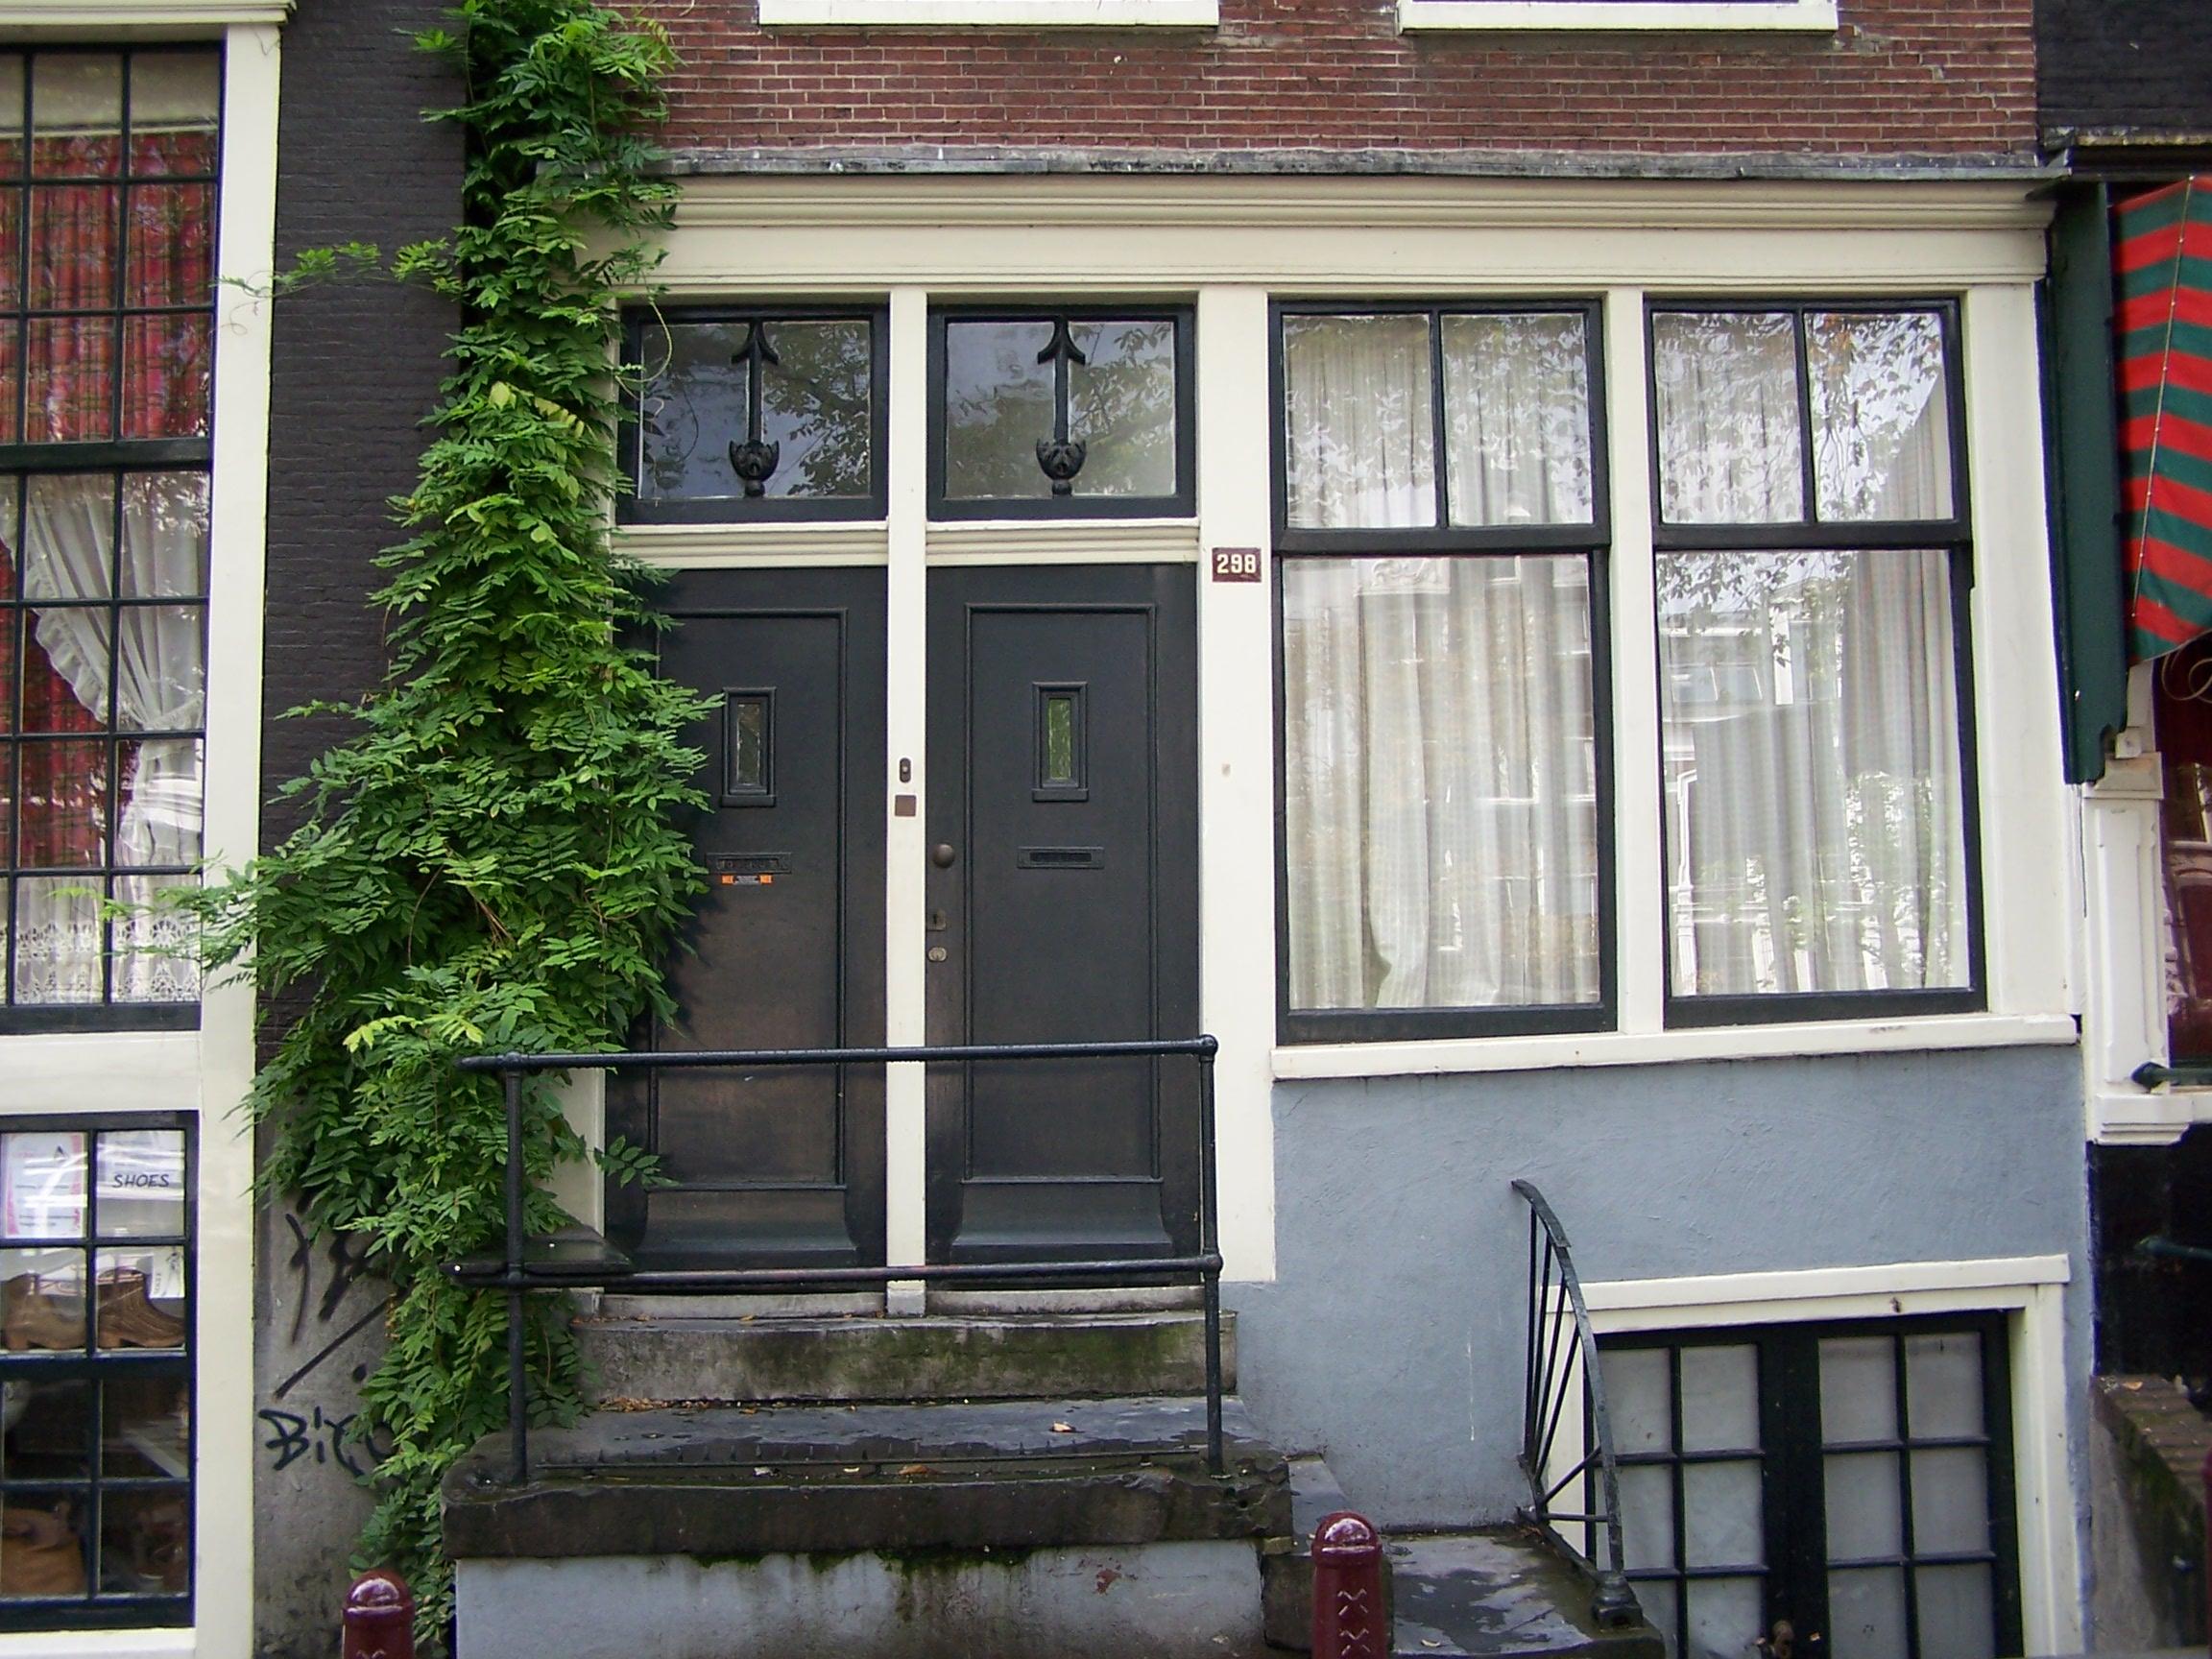 Huis met gevel onder rechte lijst waarboven dakvoorschot in amsterdam monument - Huis gevel ...